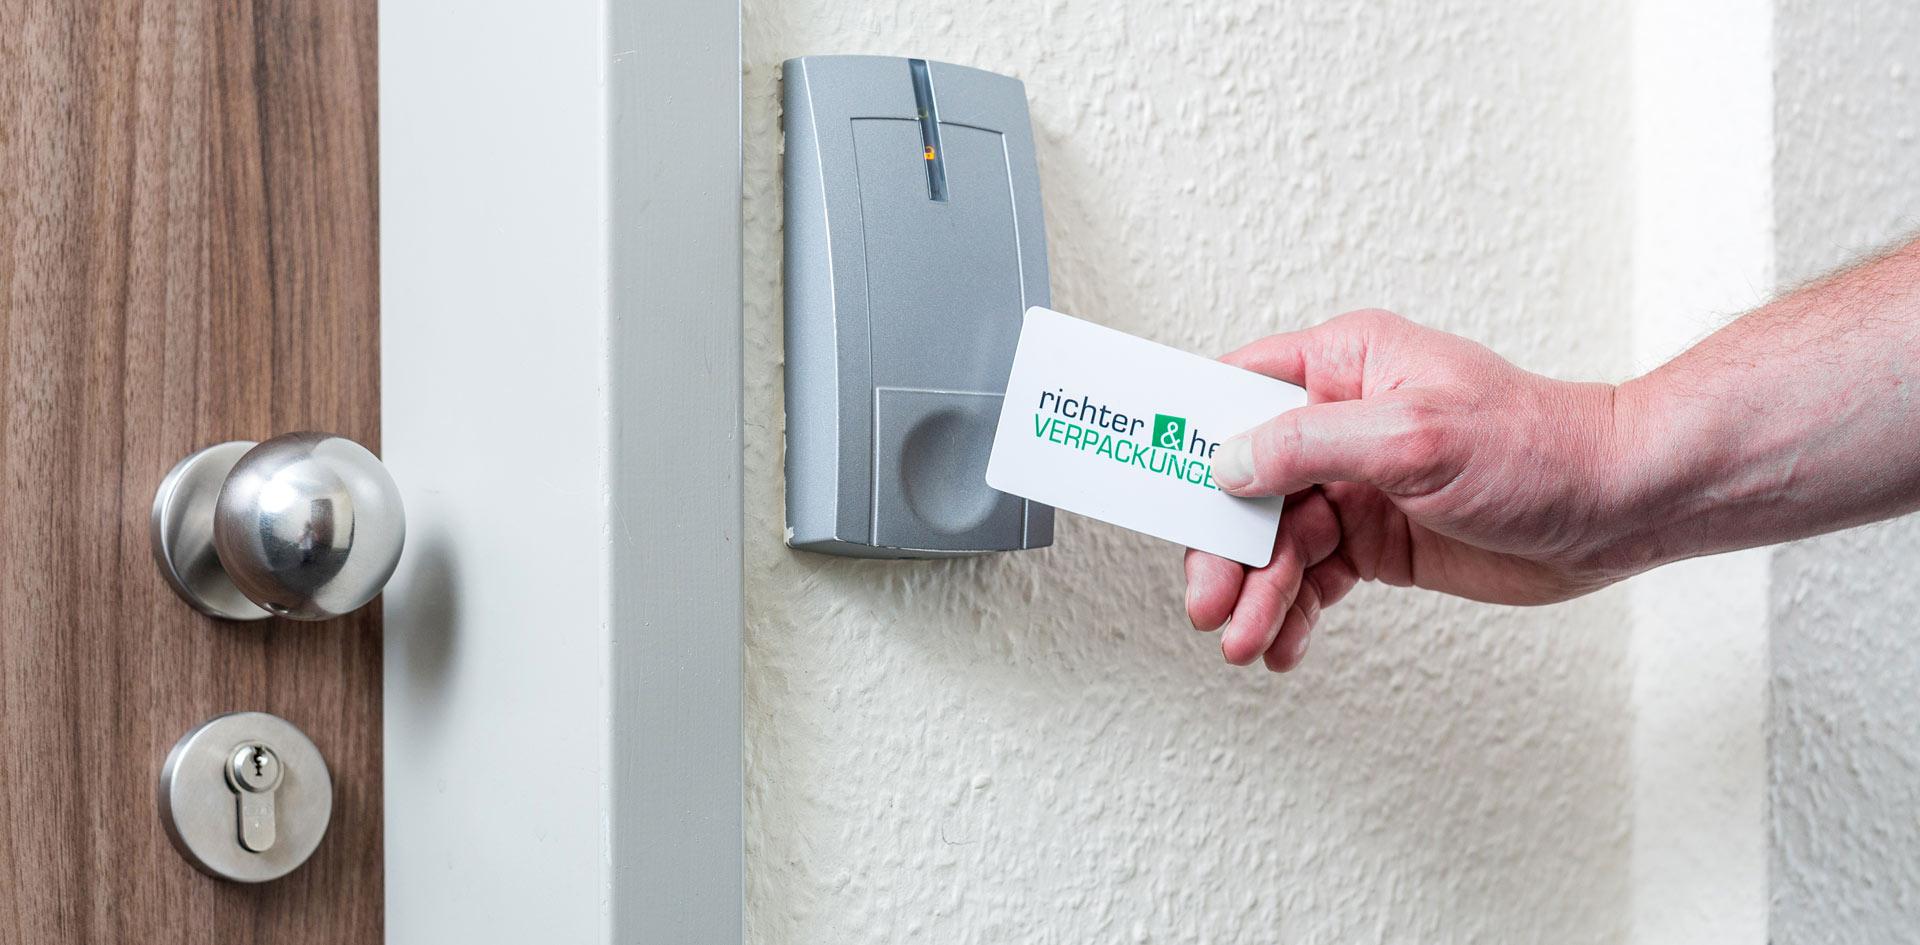 richter & heß VERPACKUNGS-SERVICE GmbH